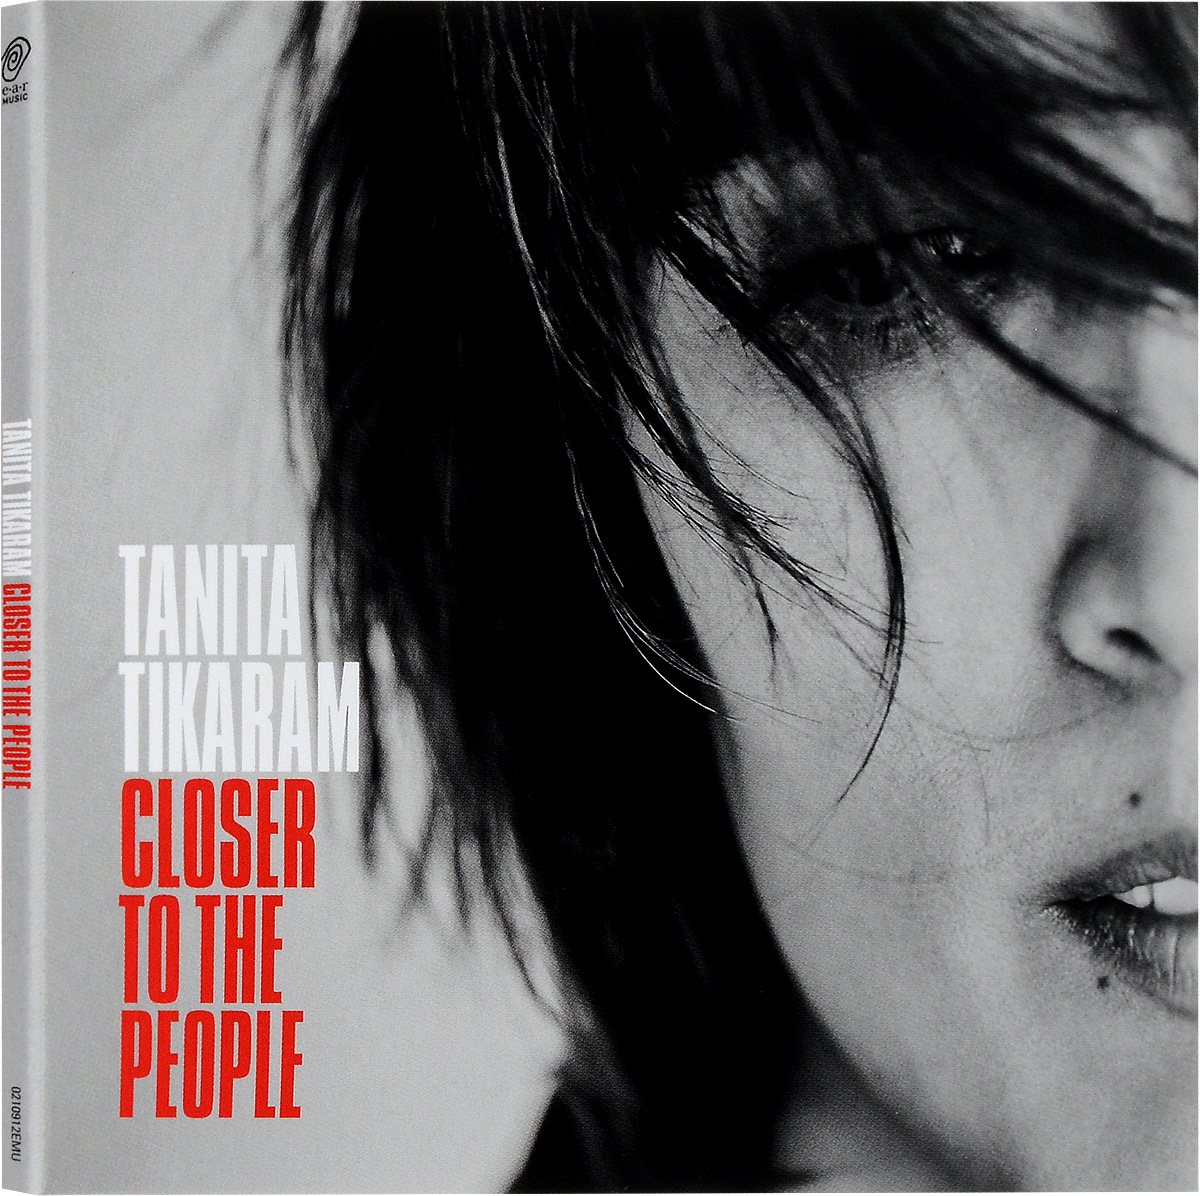 Tanita Tikaram. Closer To The People